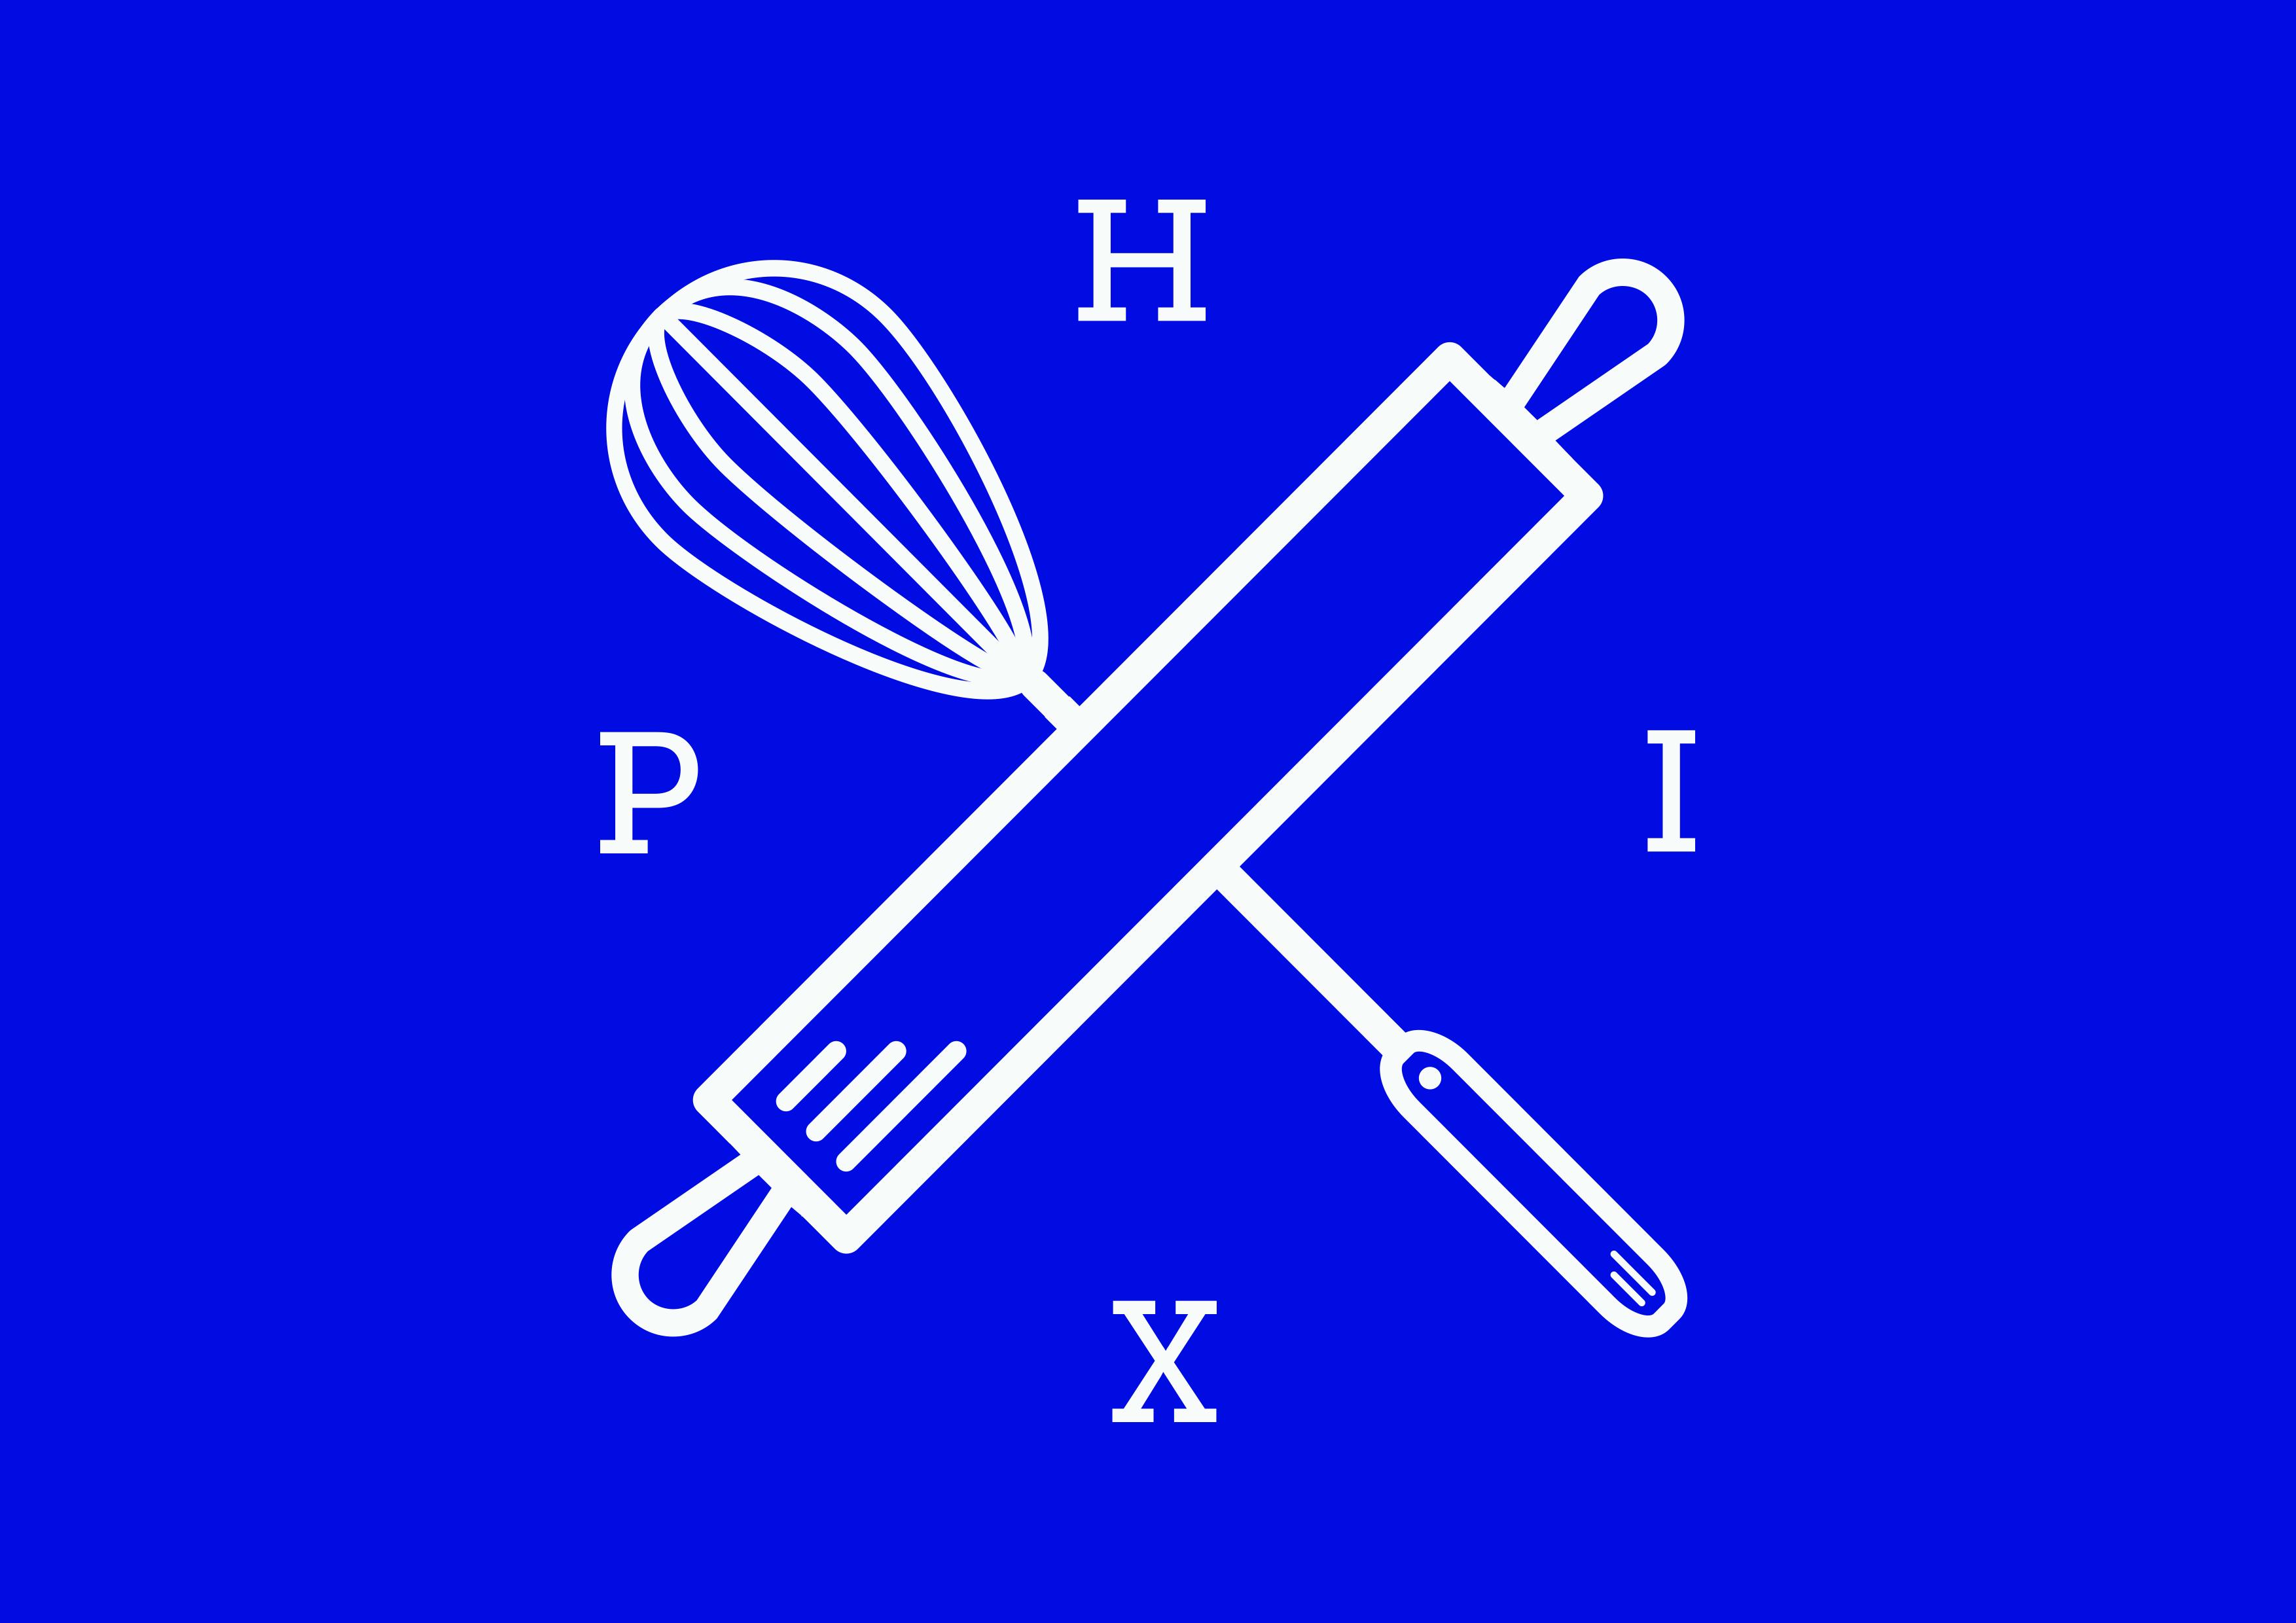 PhiX Cursos e Treinamentos